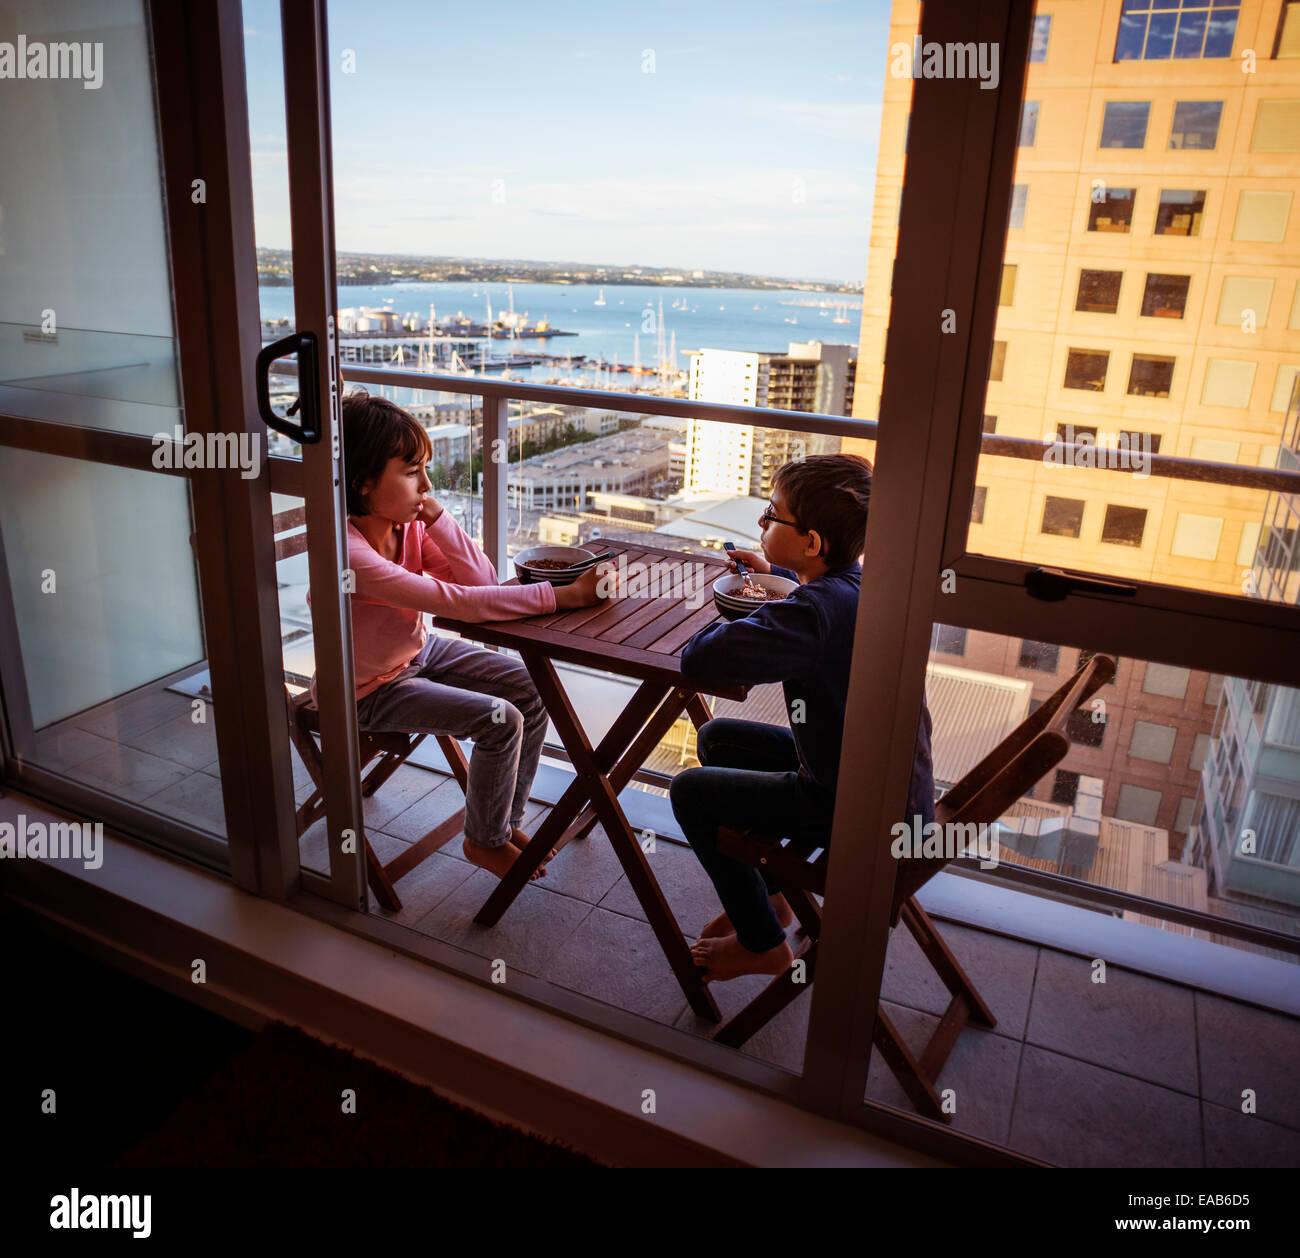 Breakfast on tiny balcony, Auckland - Stock Image